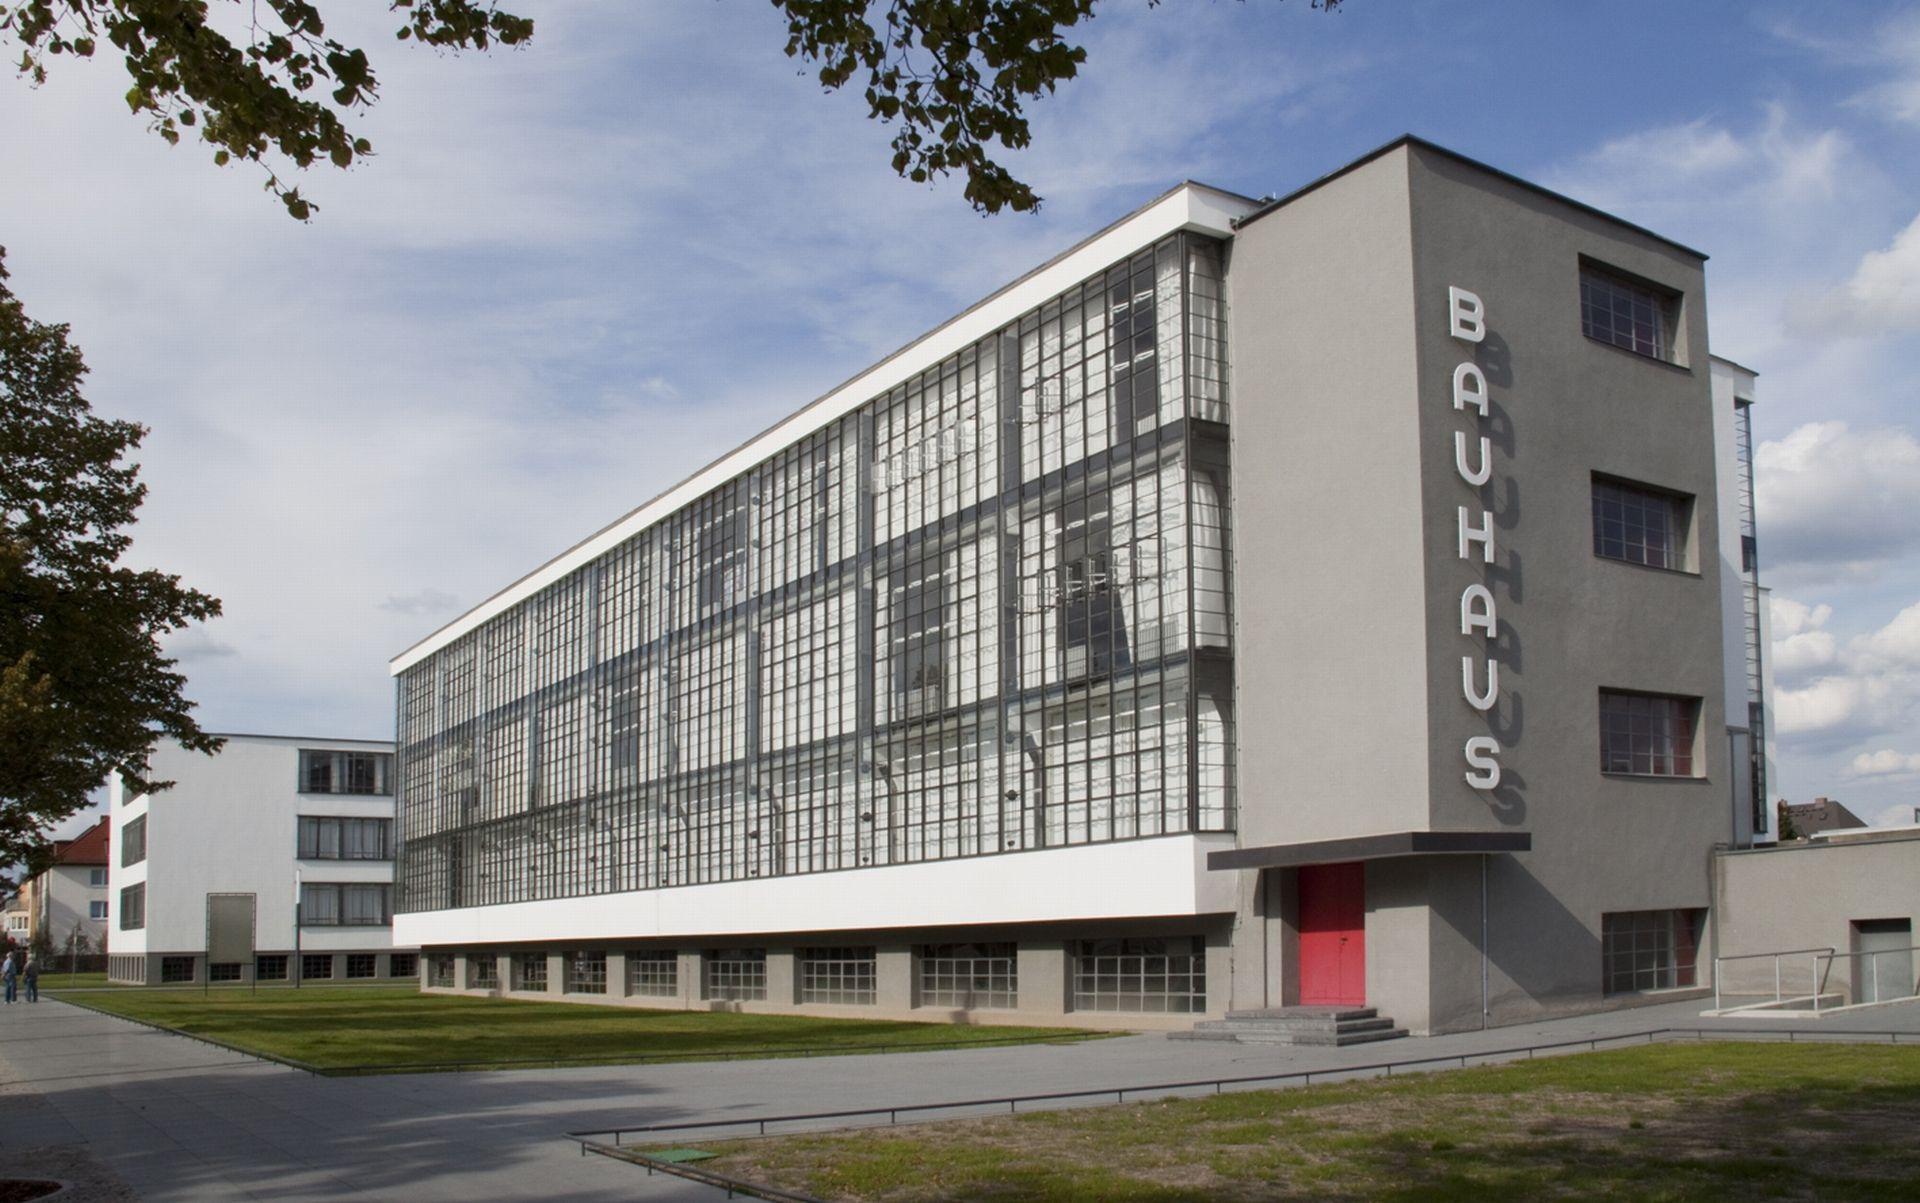 bauhaus Google Search Bauhaus, Architecture, Art déco